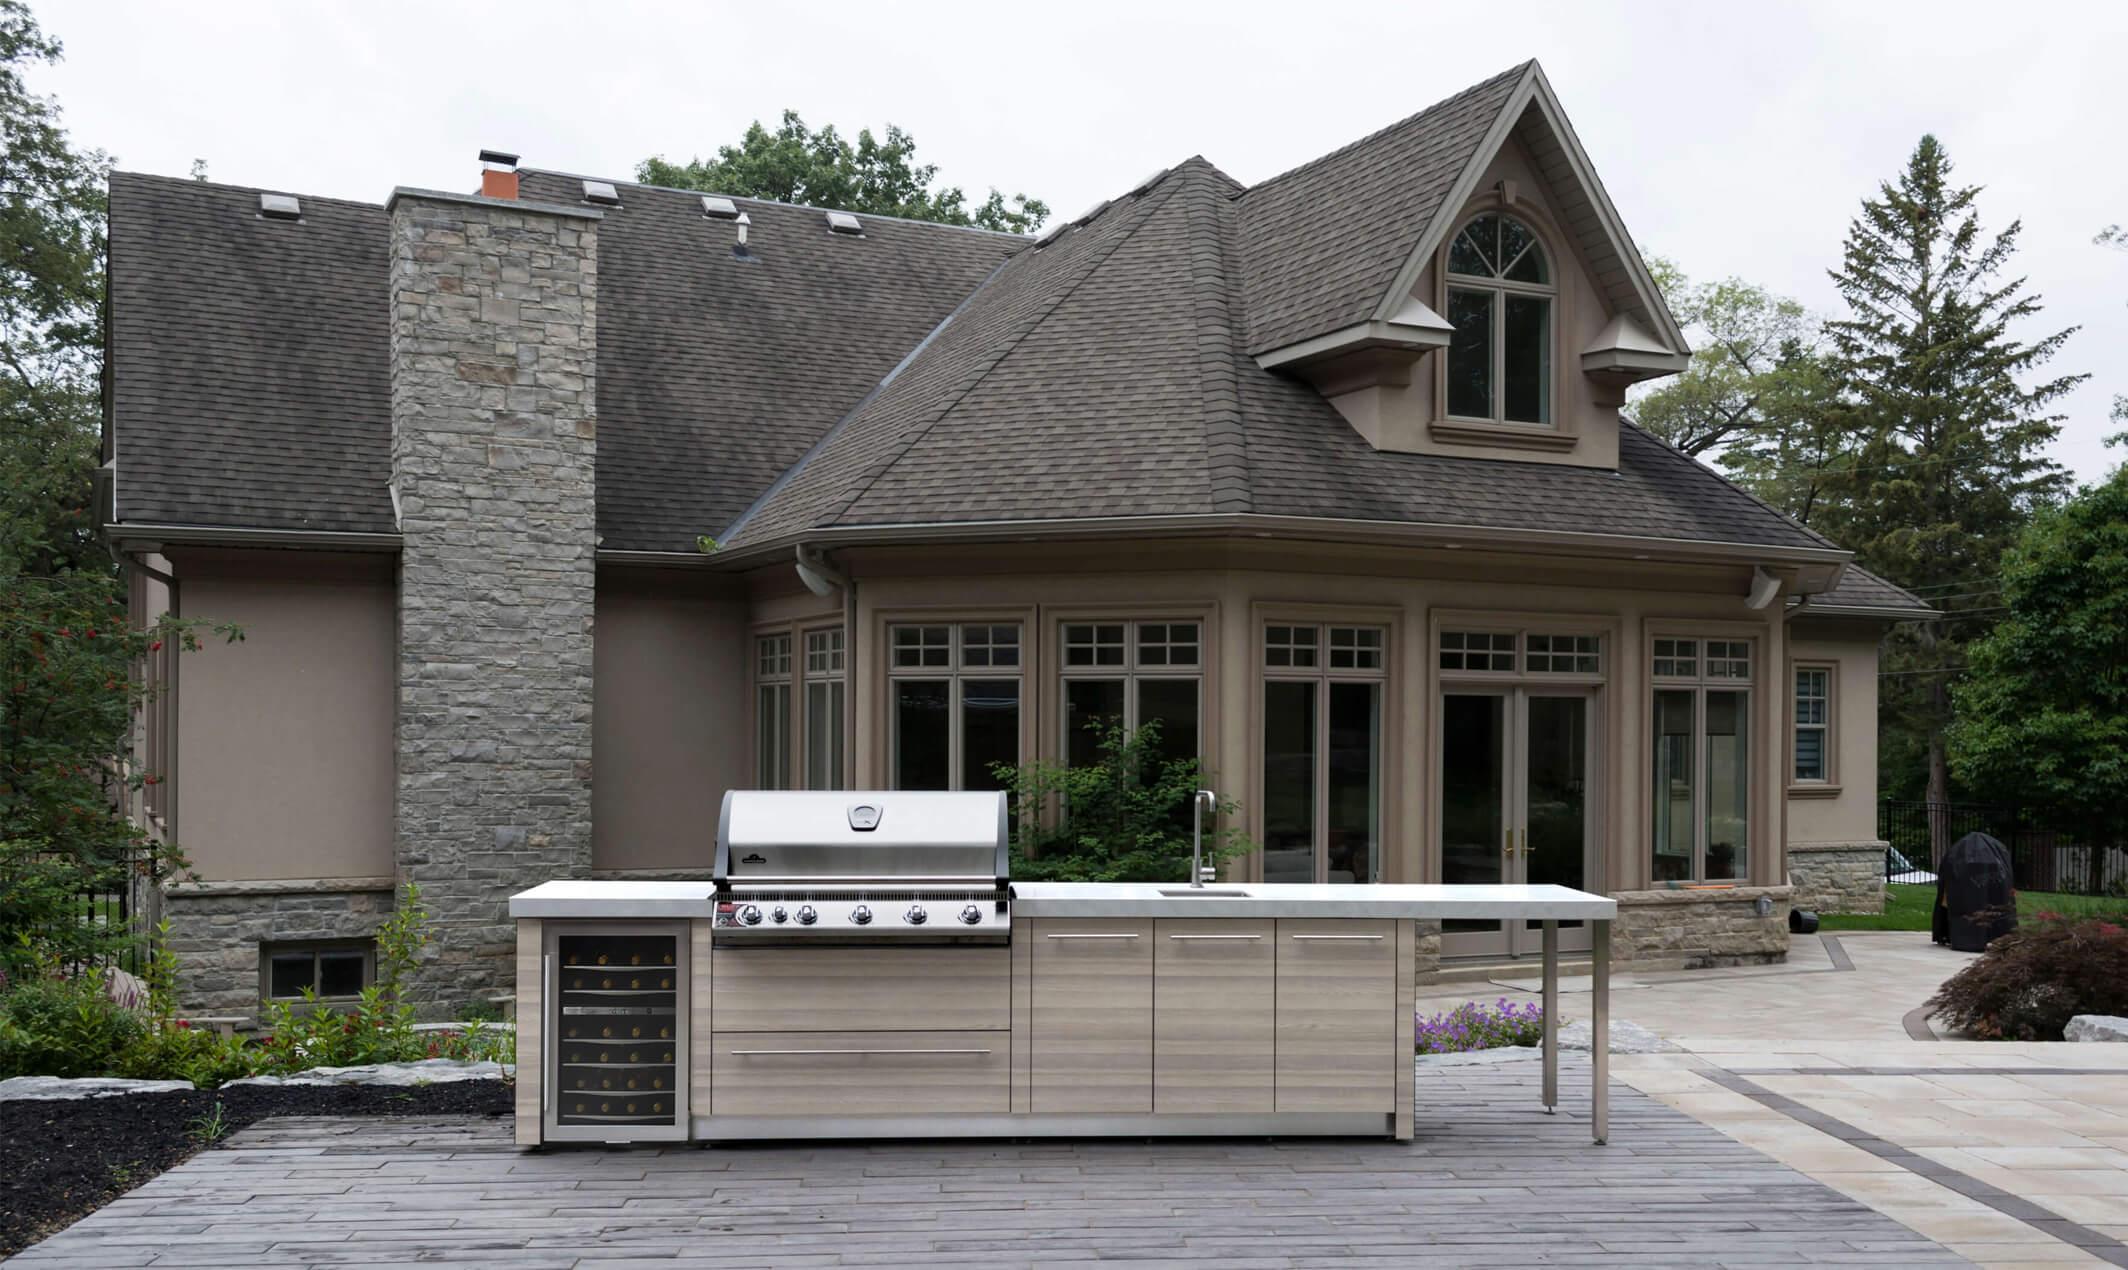 Garden Living Outdoor Kitchens 2.jpg